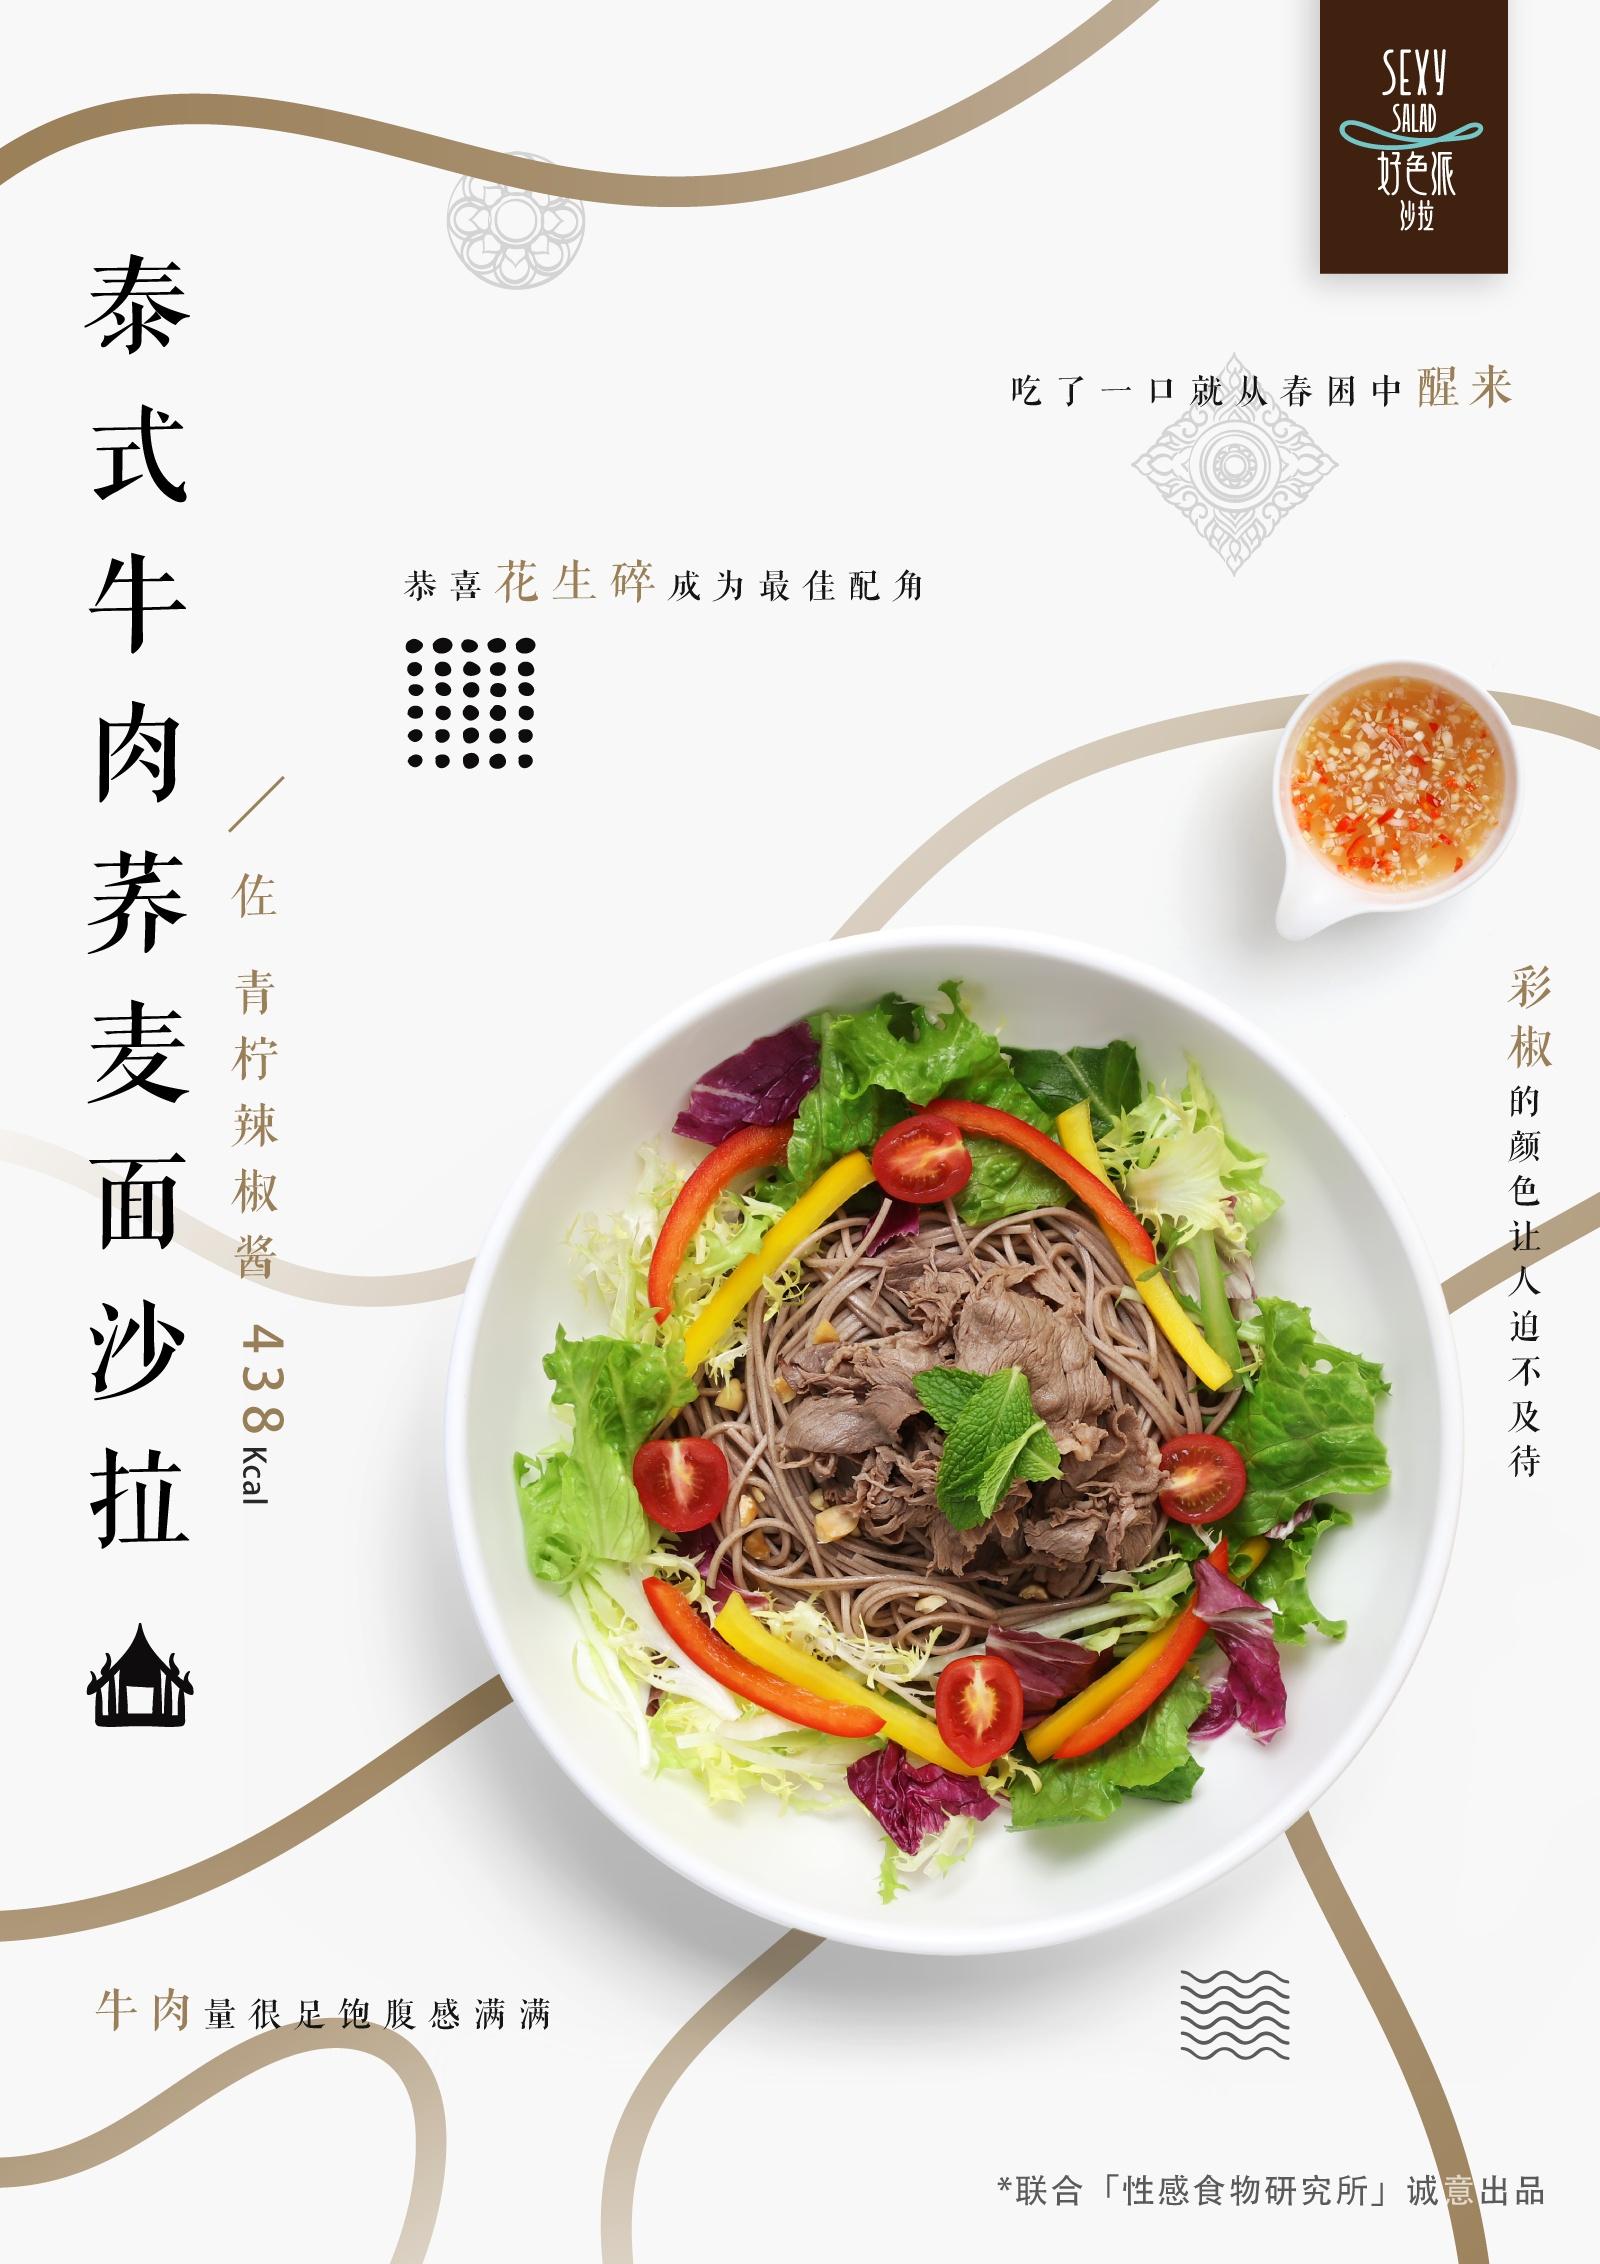 泰式牛肉沙拉新品海报图片